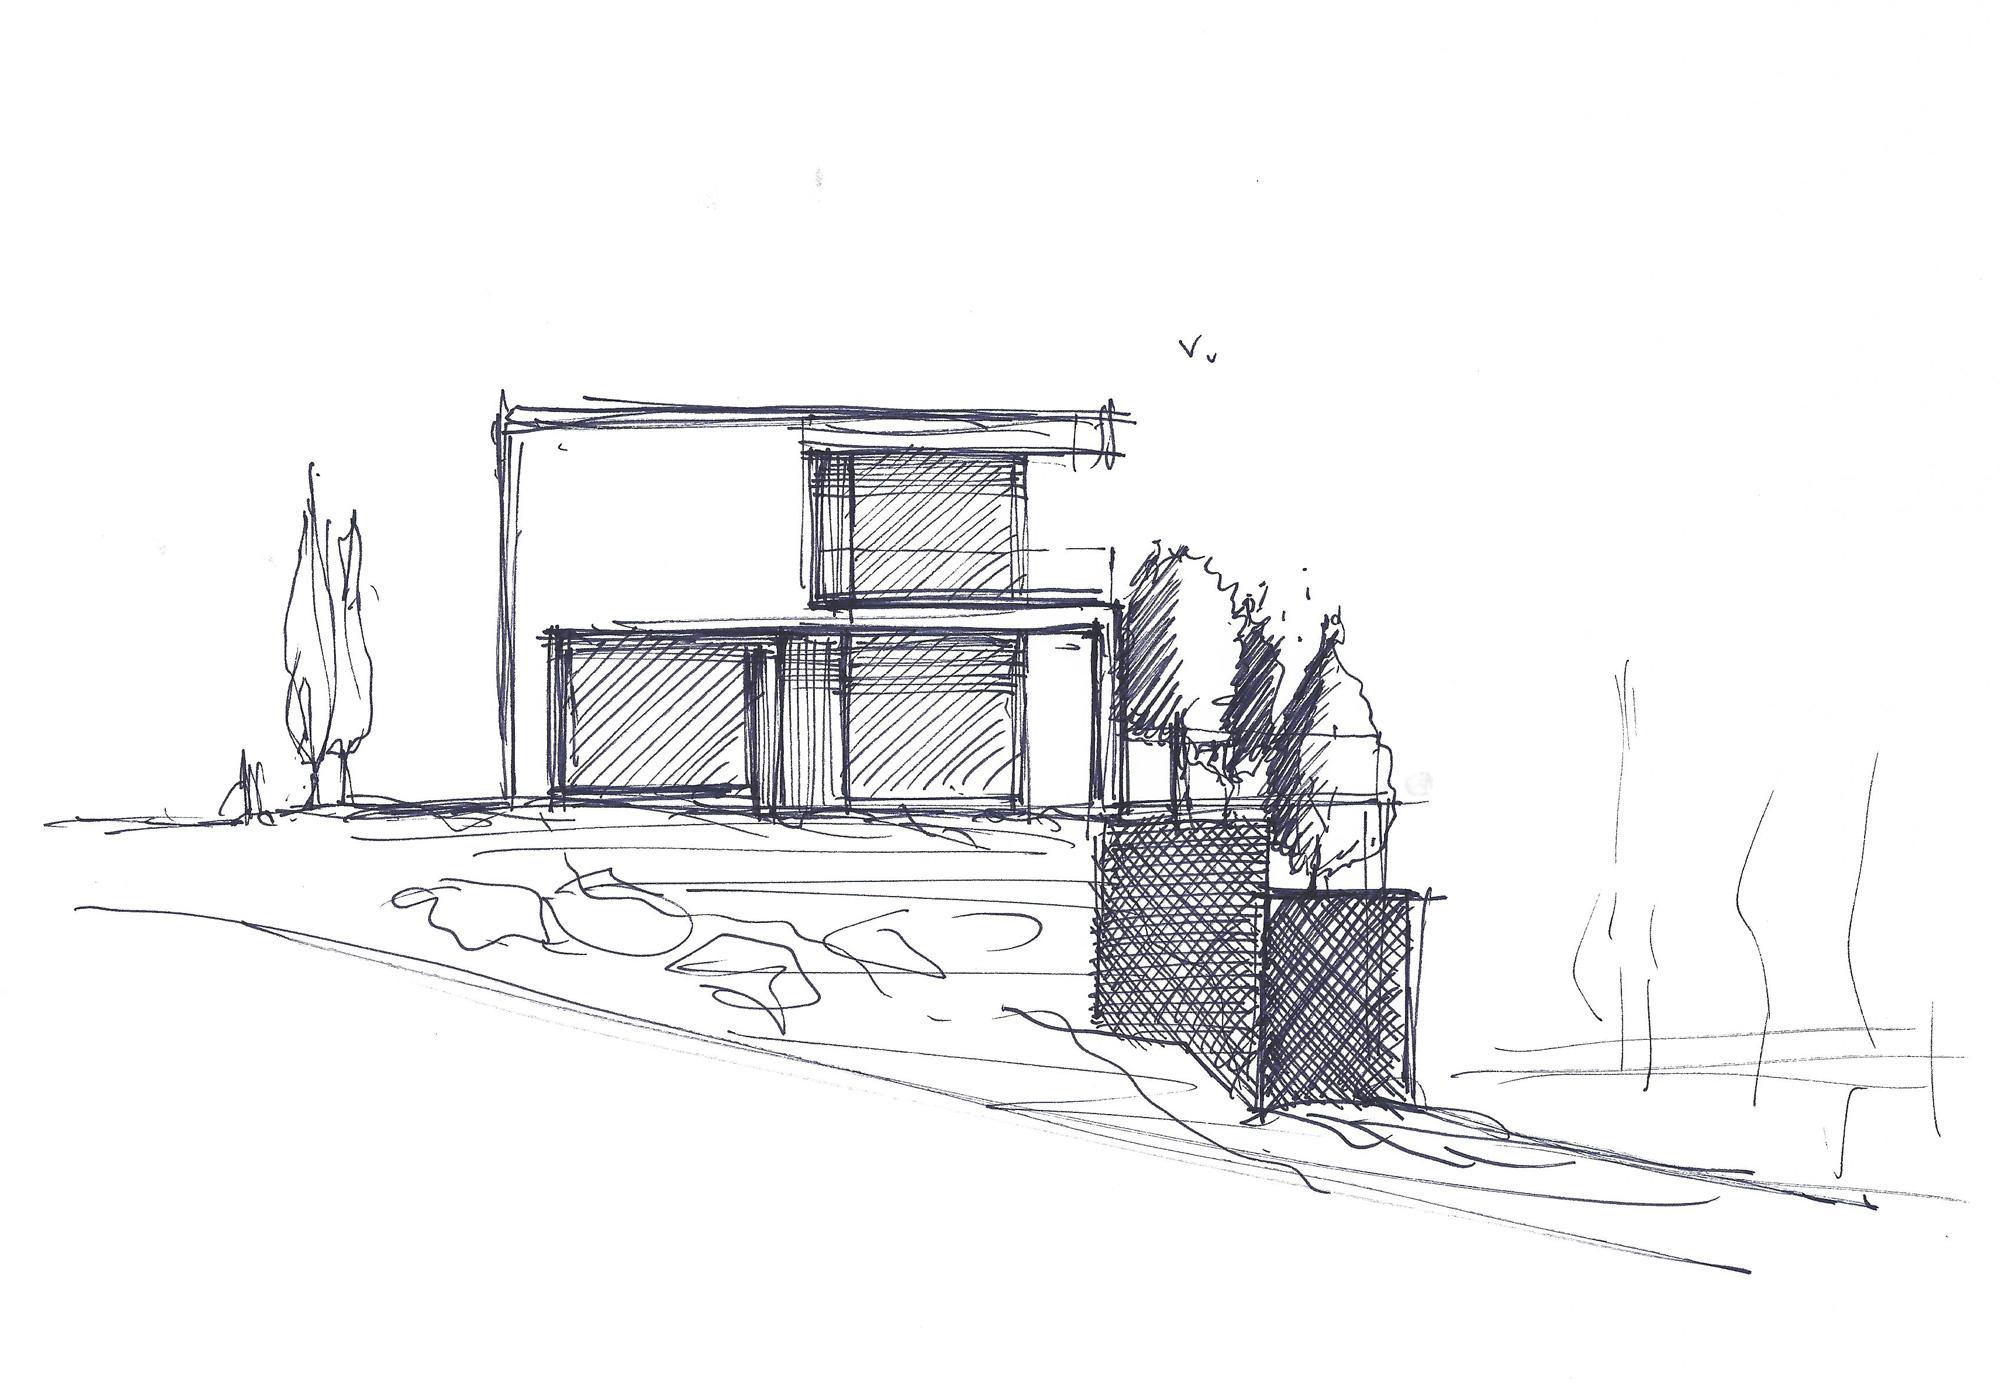 Concept © Damilanostudio Architects